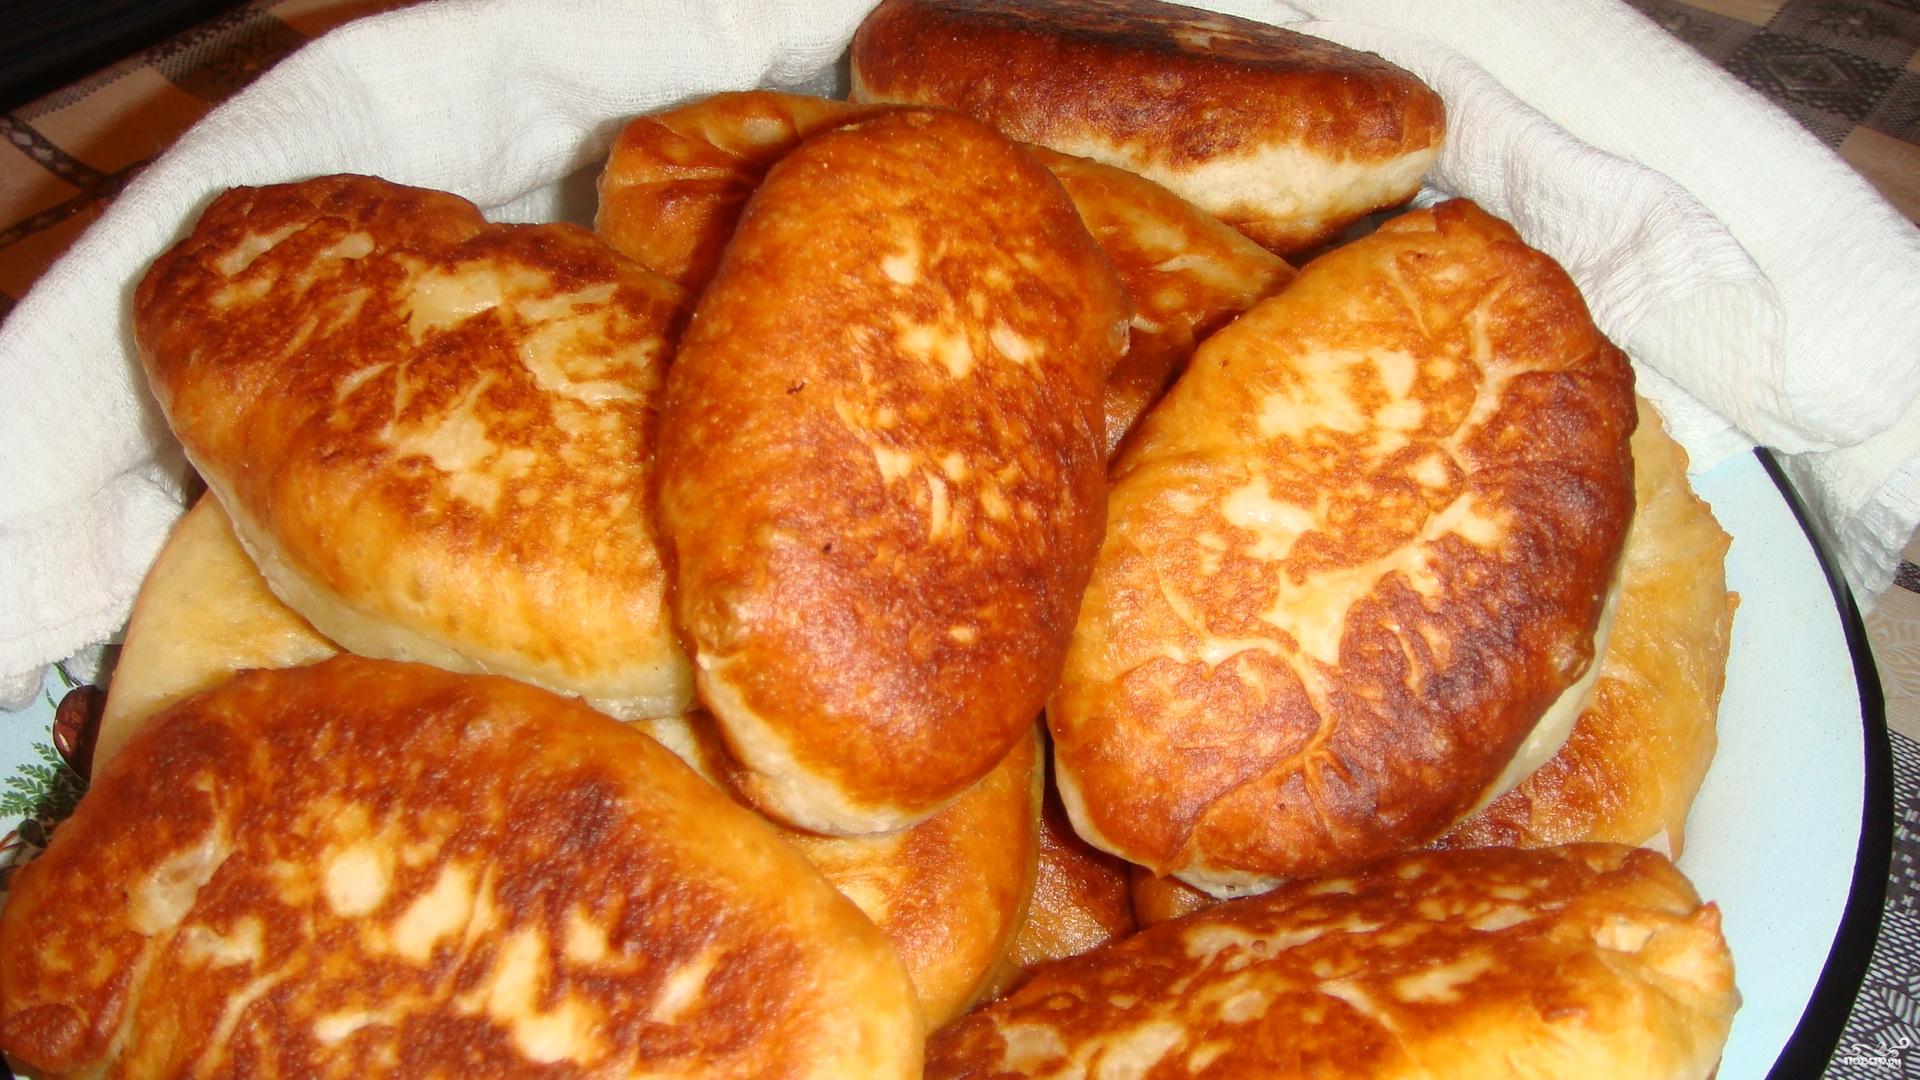 Пирожки жареные на сковороде без дрожжей на кефире рецепт с фото пошагово